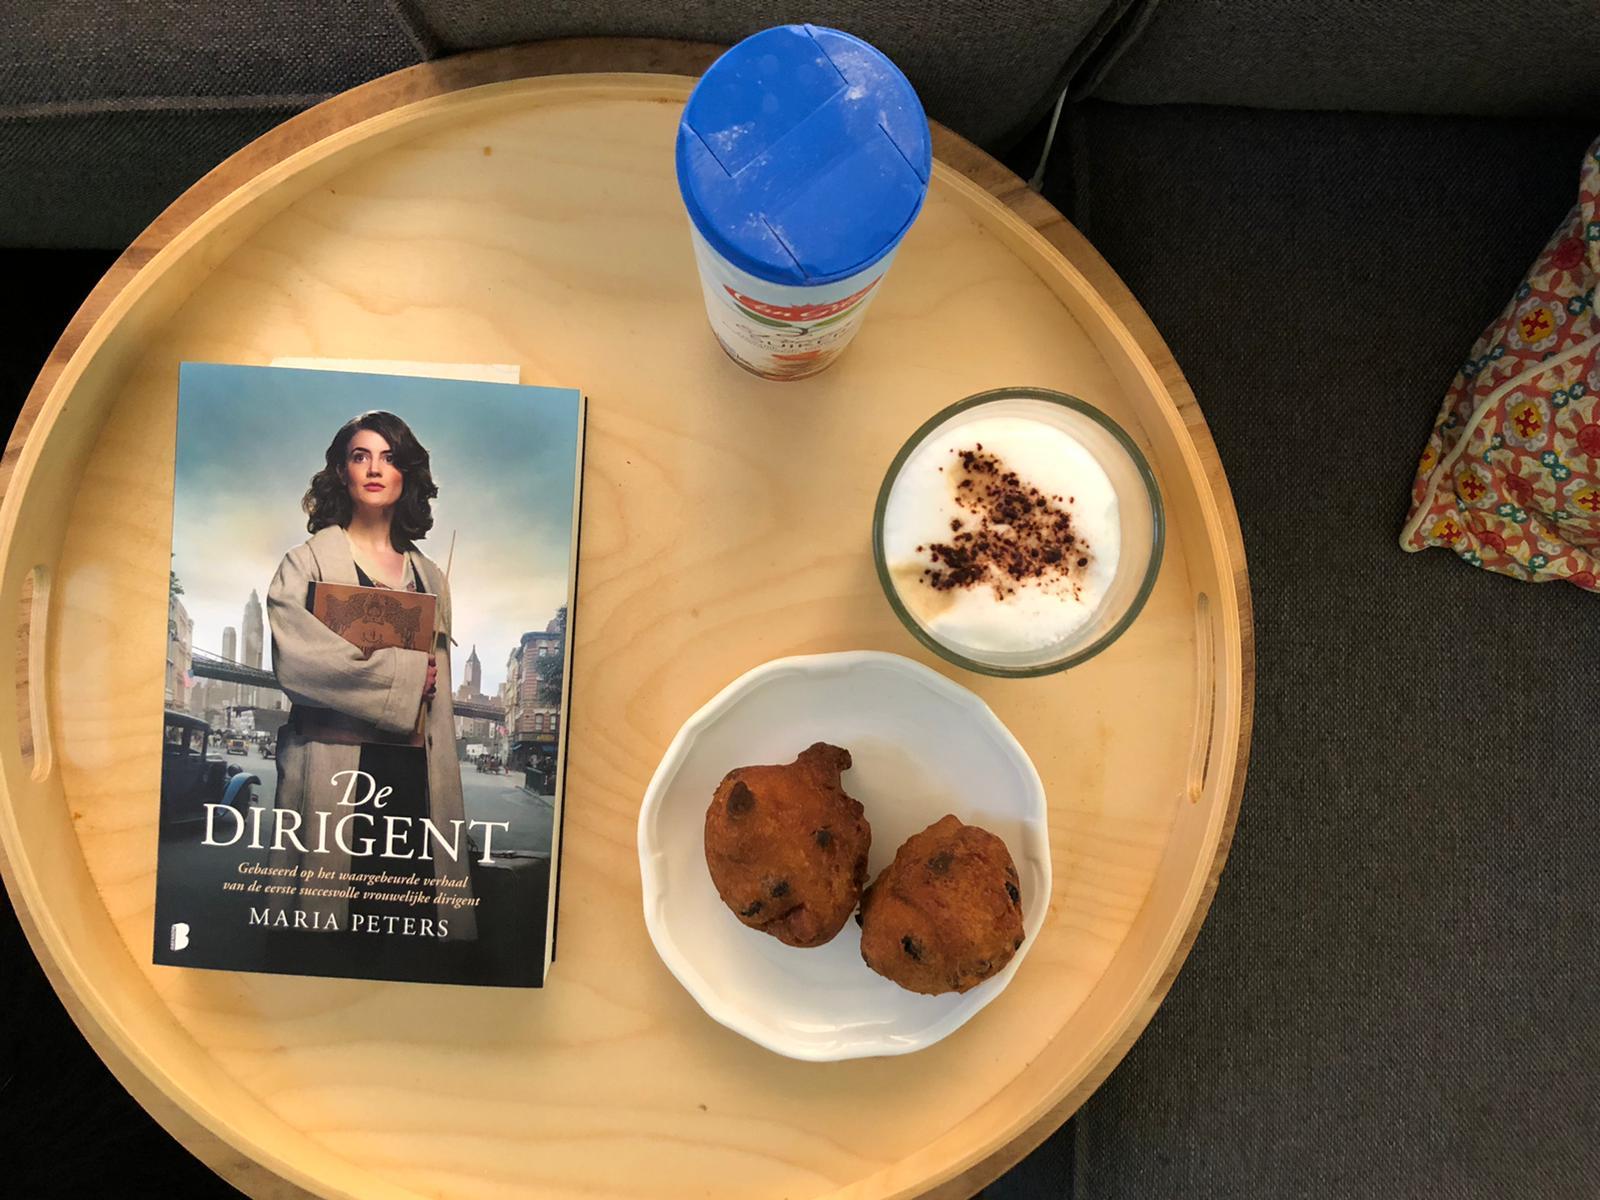 Oliebollen, boek en koffie